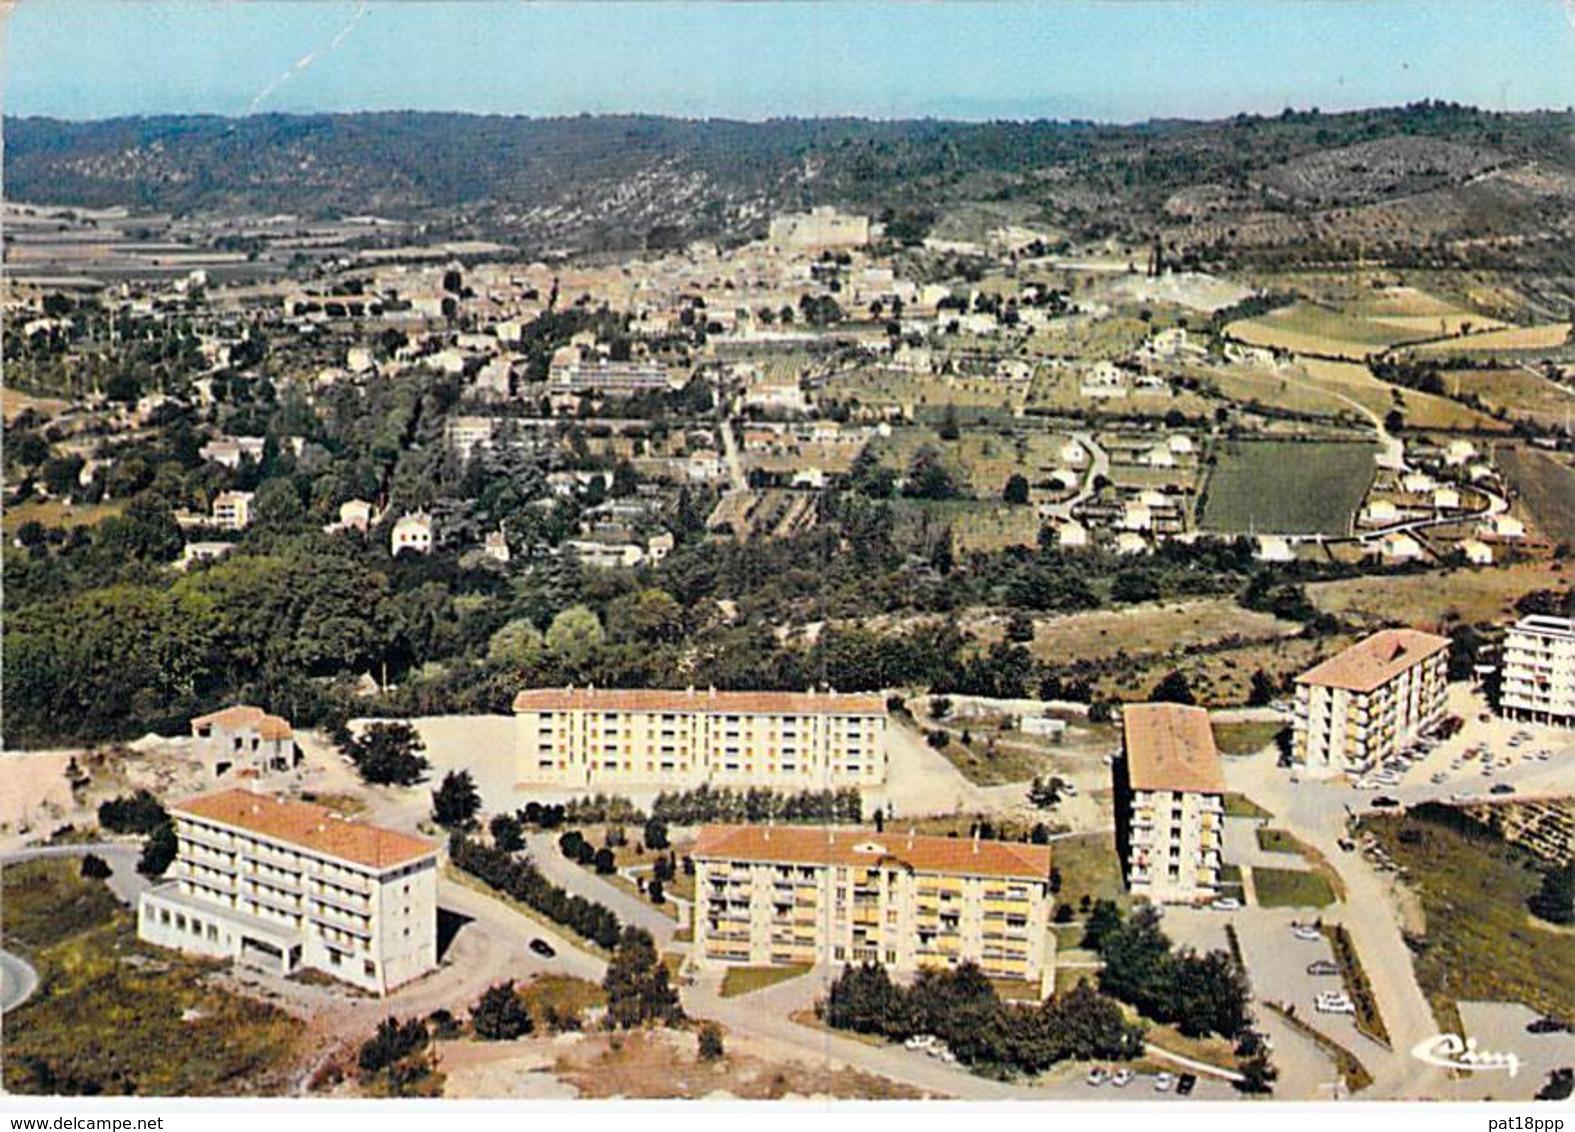 04 - GREOUX Les BAINS : Vue Générale Aérienne - Les Cités Nouvelles ( HLM Immeubles ) CPSM GF - Alpes De Haute Provence - Gréoux-les-Bains